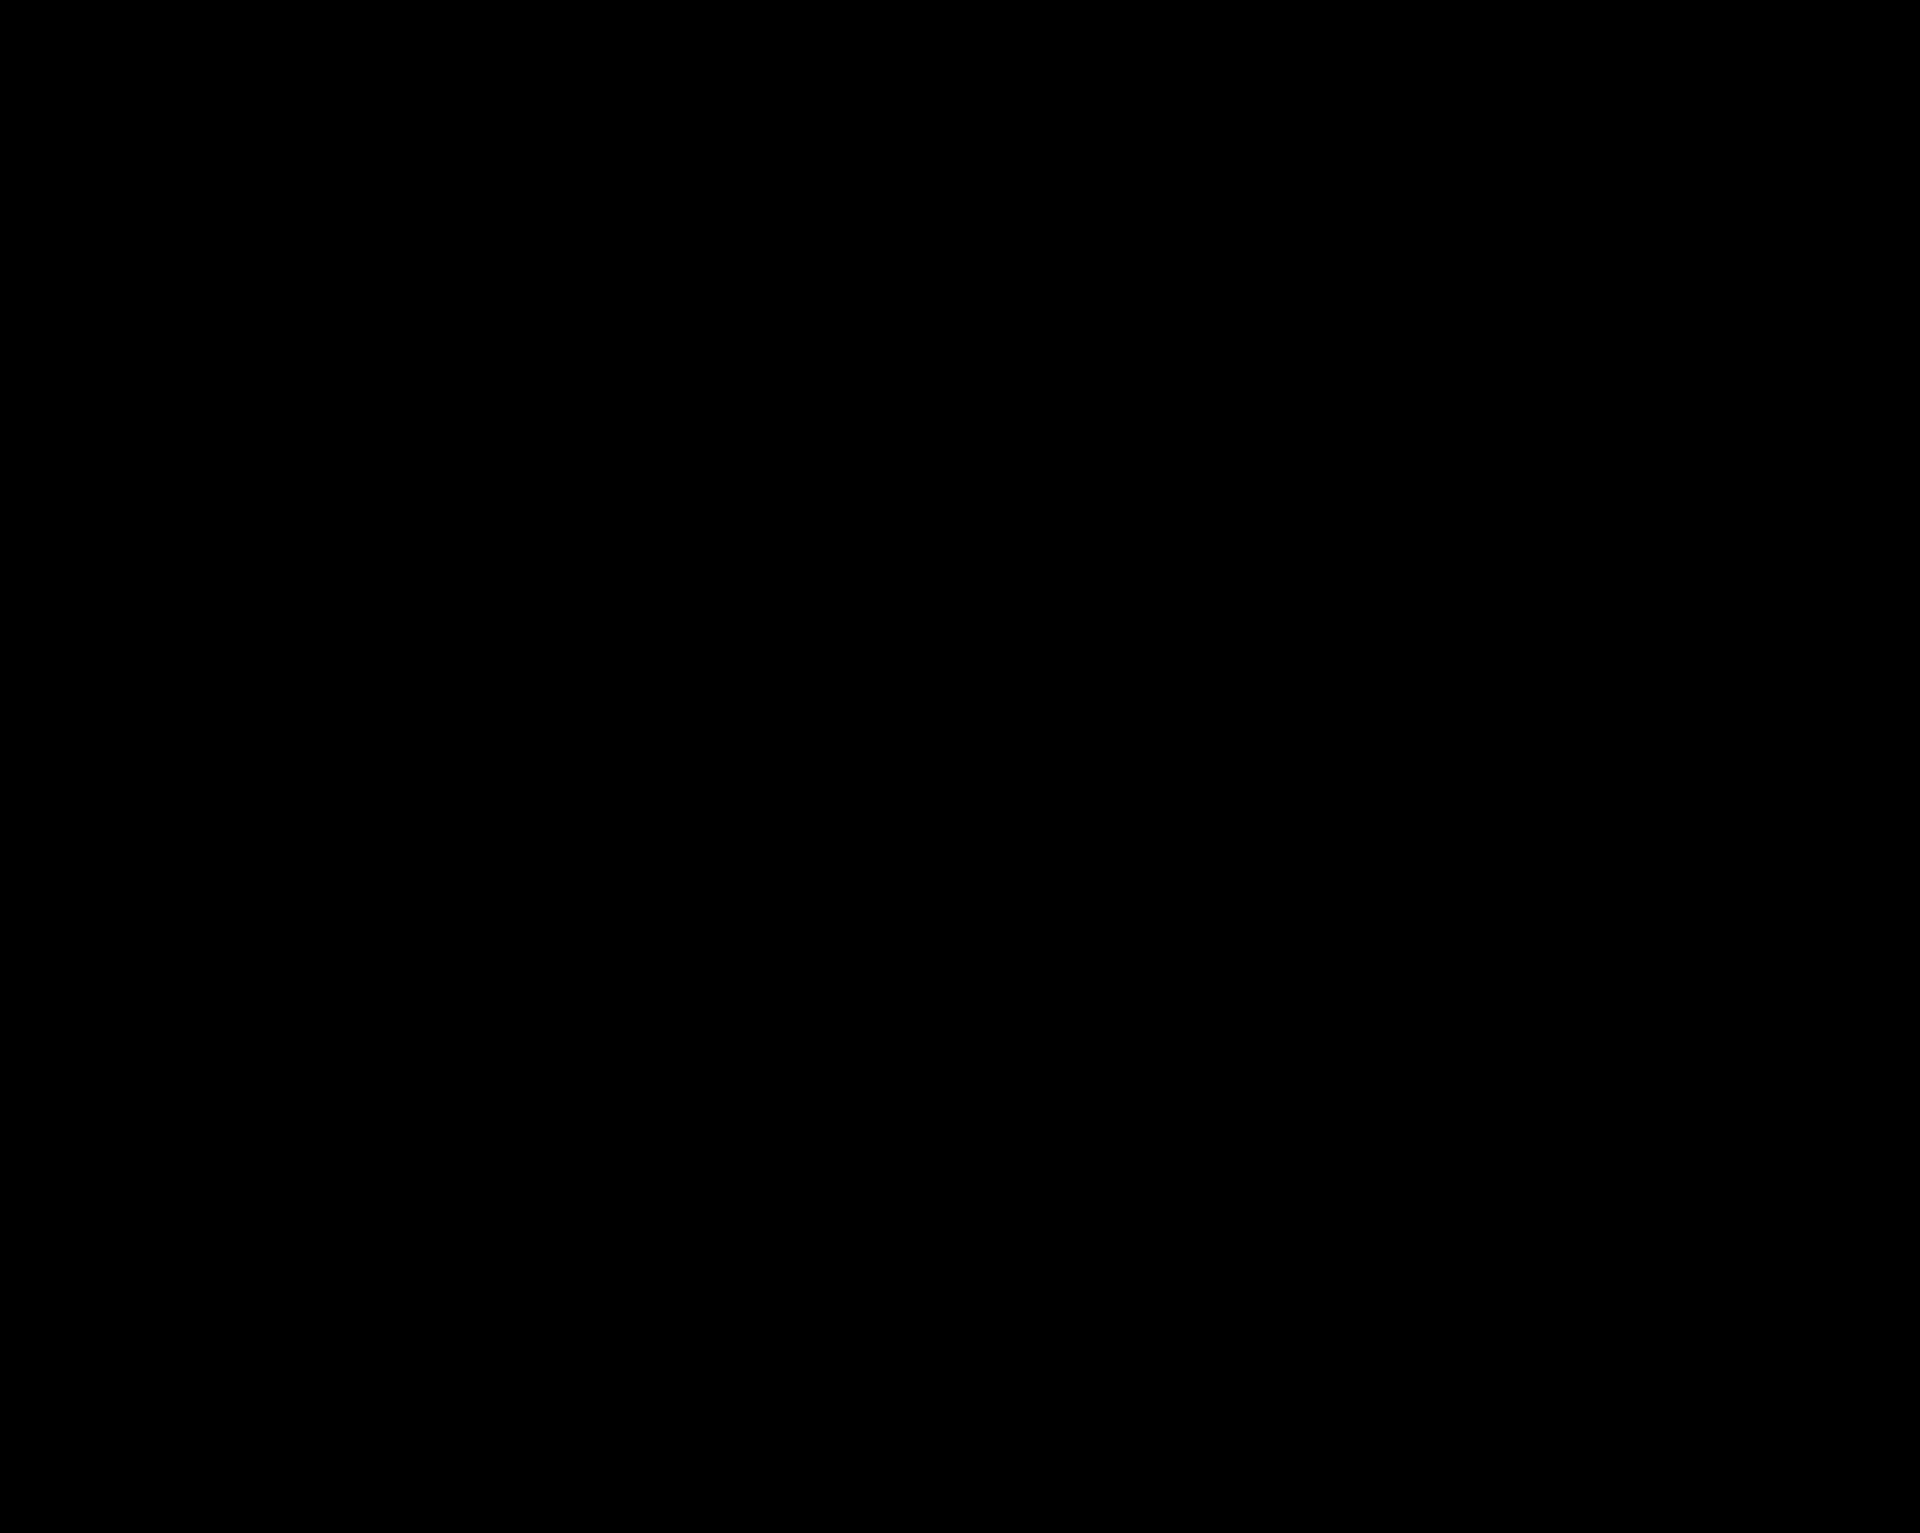 ECTO-1